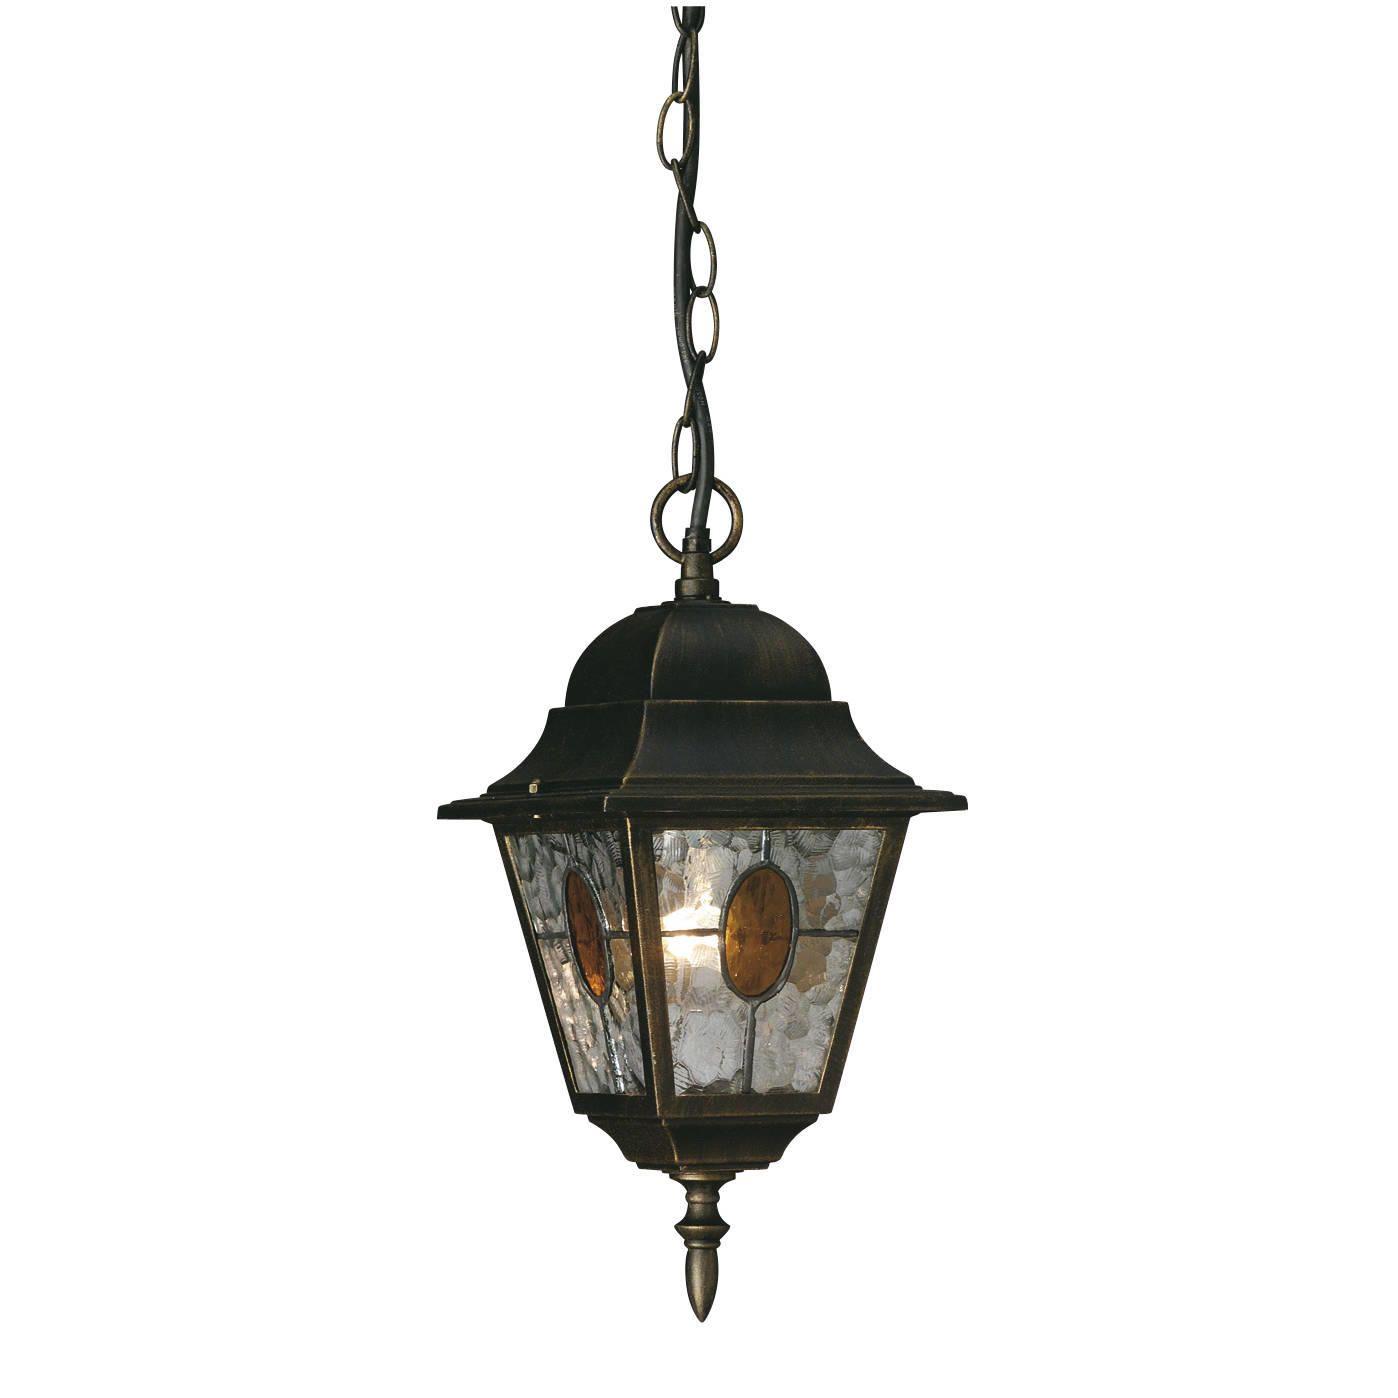 Outdoor Munich Hanging Lantern